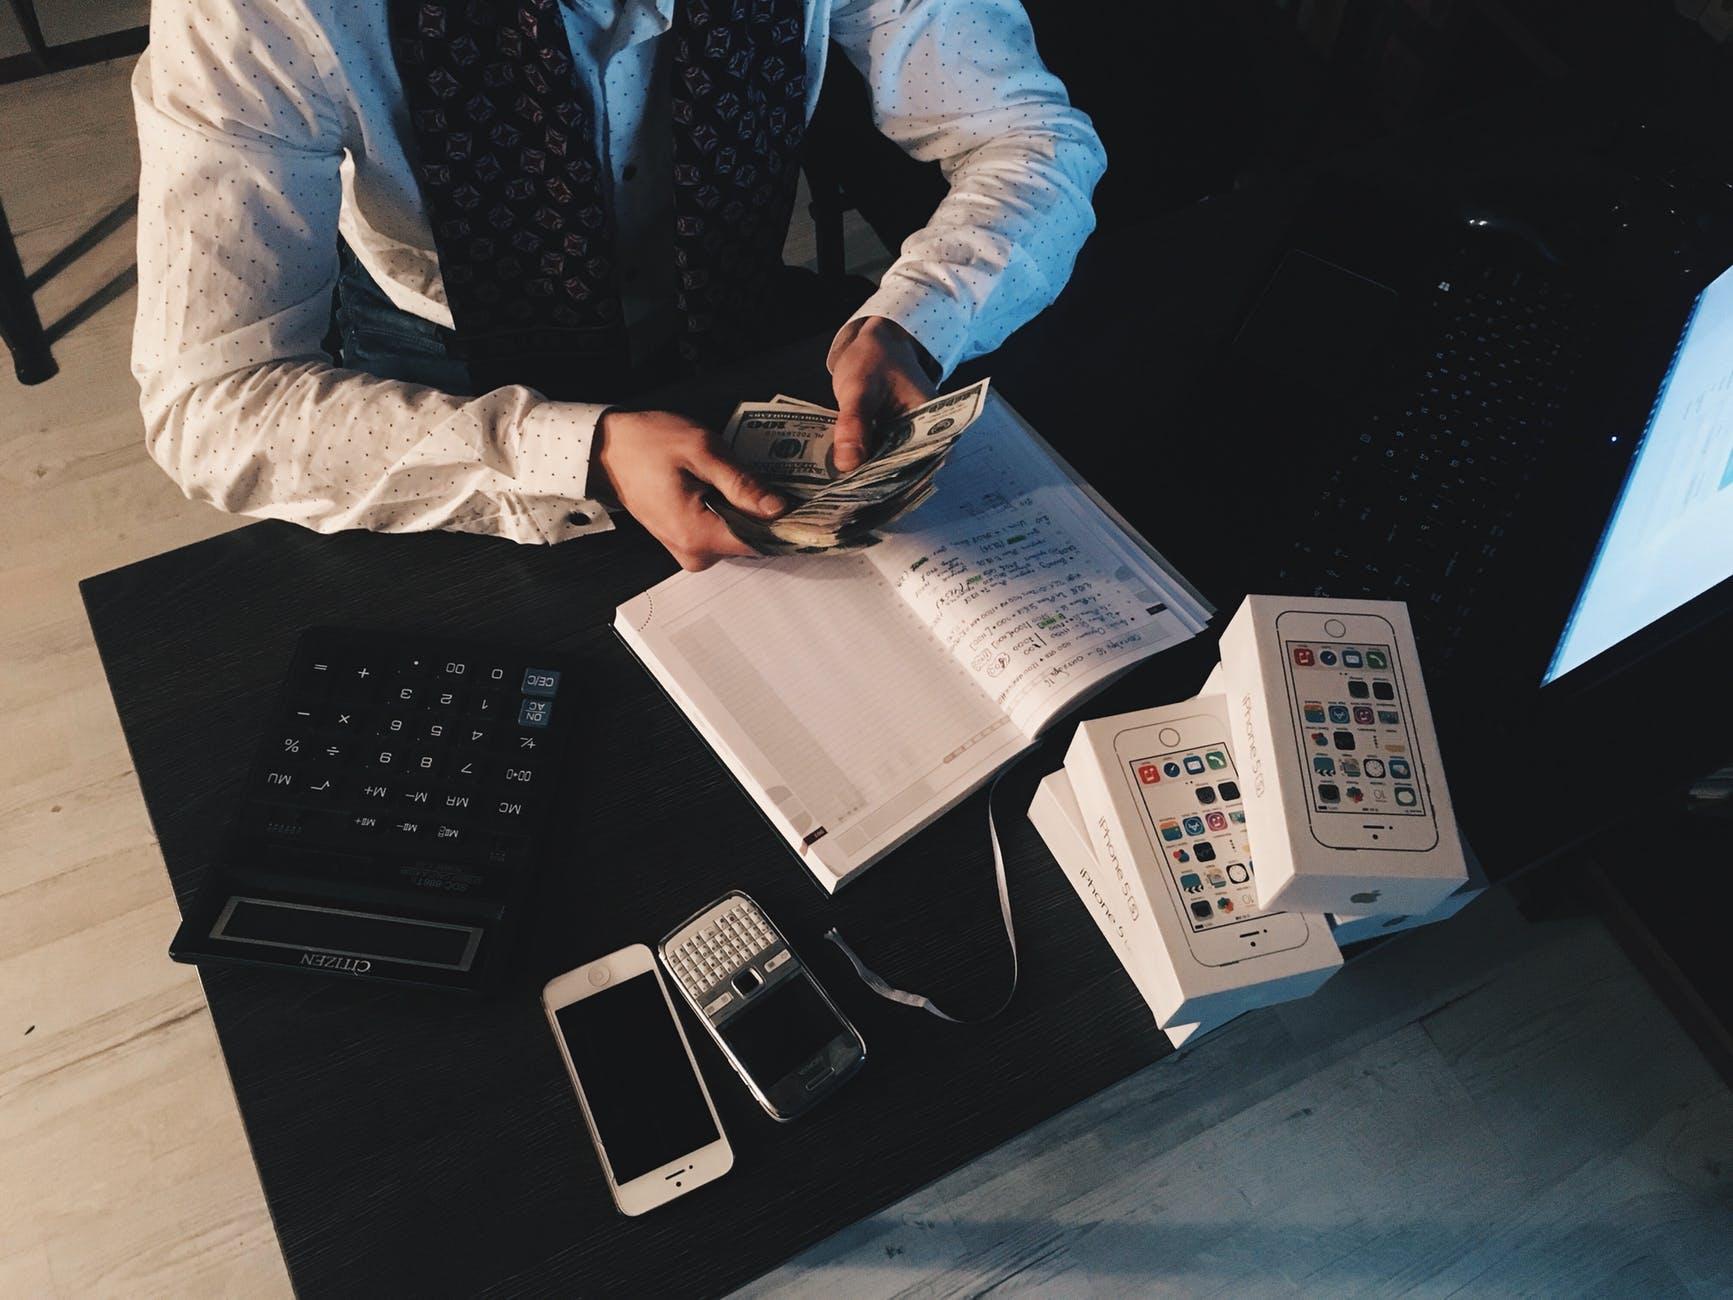 Imagem ilustrativa de ideias para ganhar dinheiro com a internet